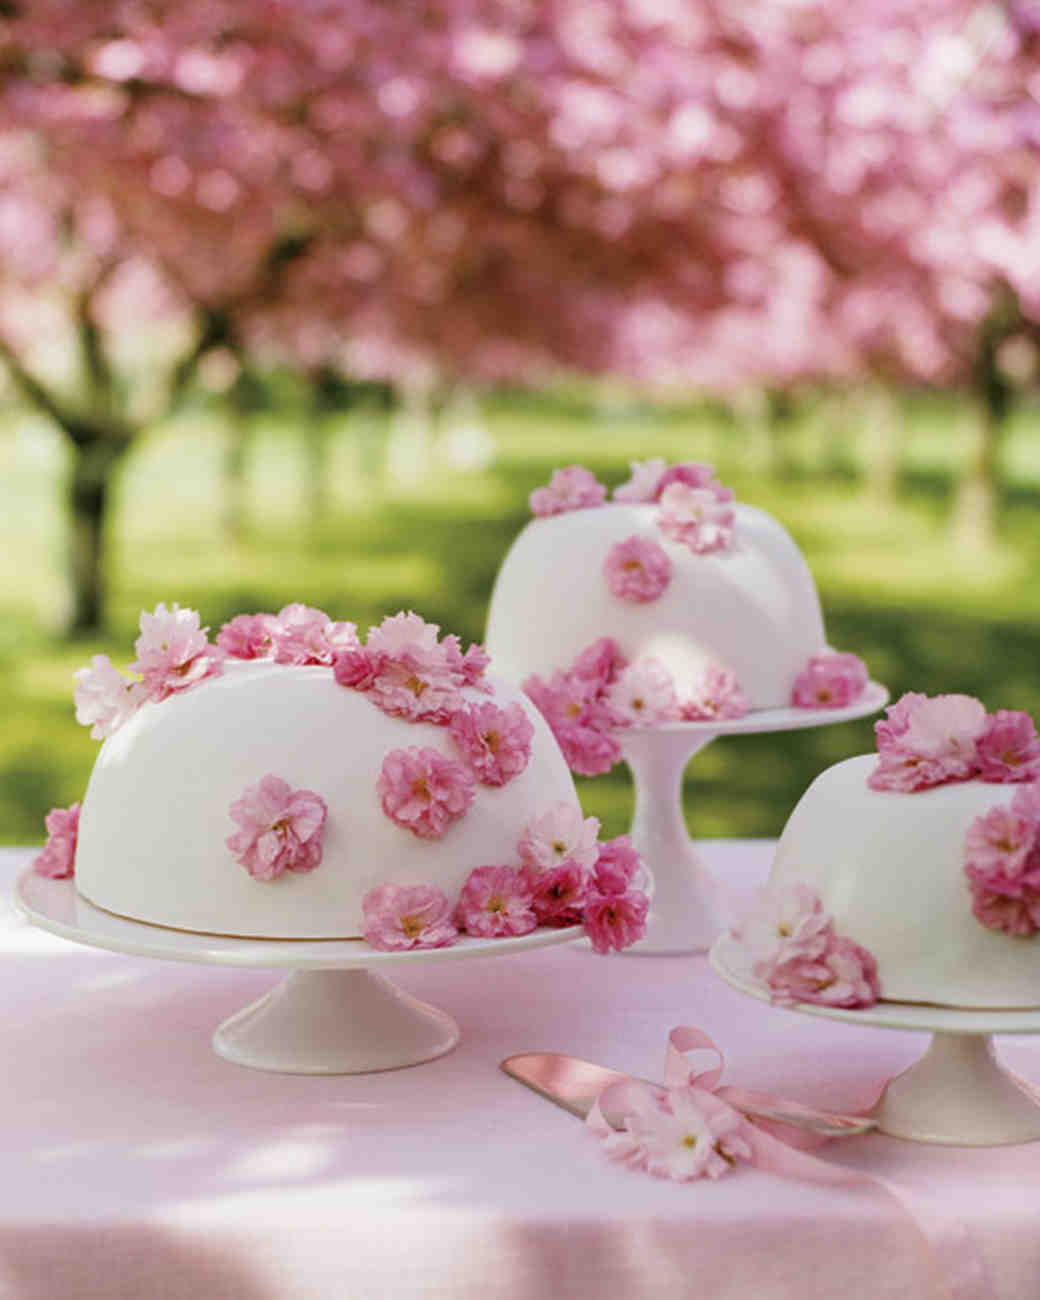 Pastry Cream for Cherry Blossom Princess Cake